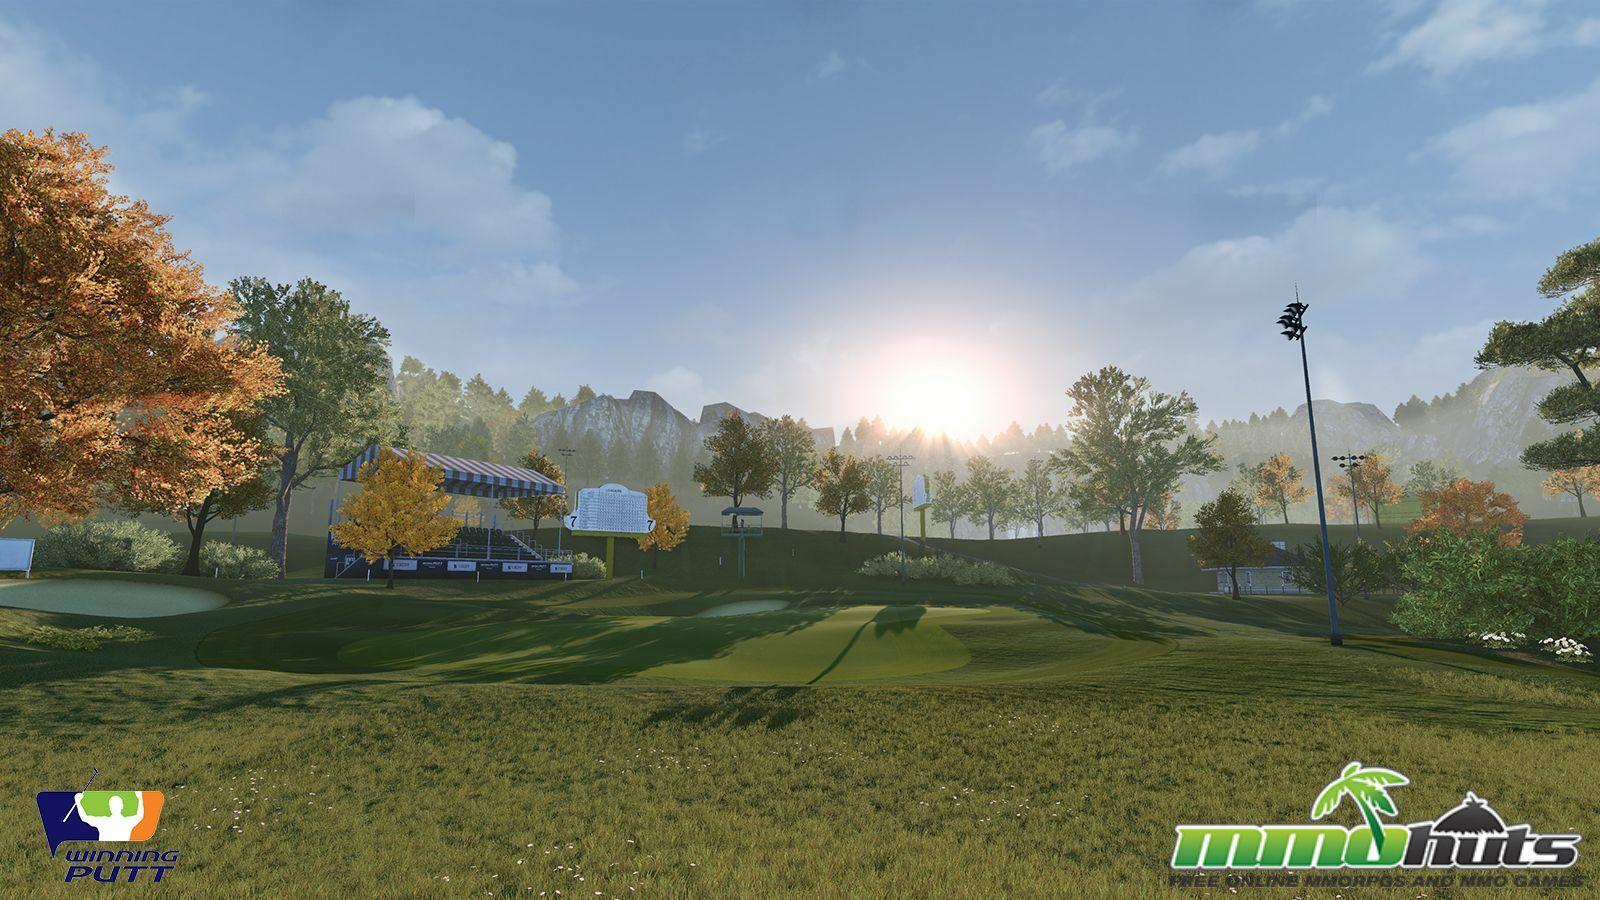 Winning Putt Preview Screenshot 16 Golf Course Day